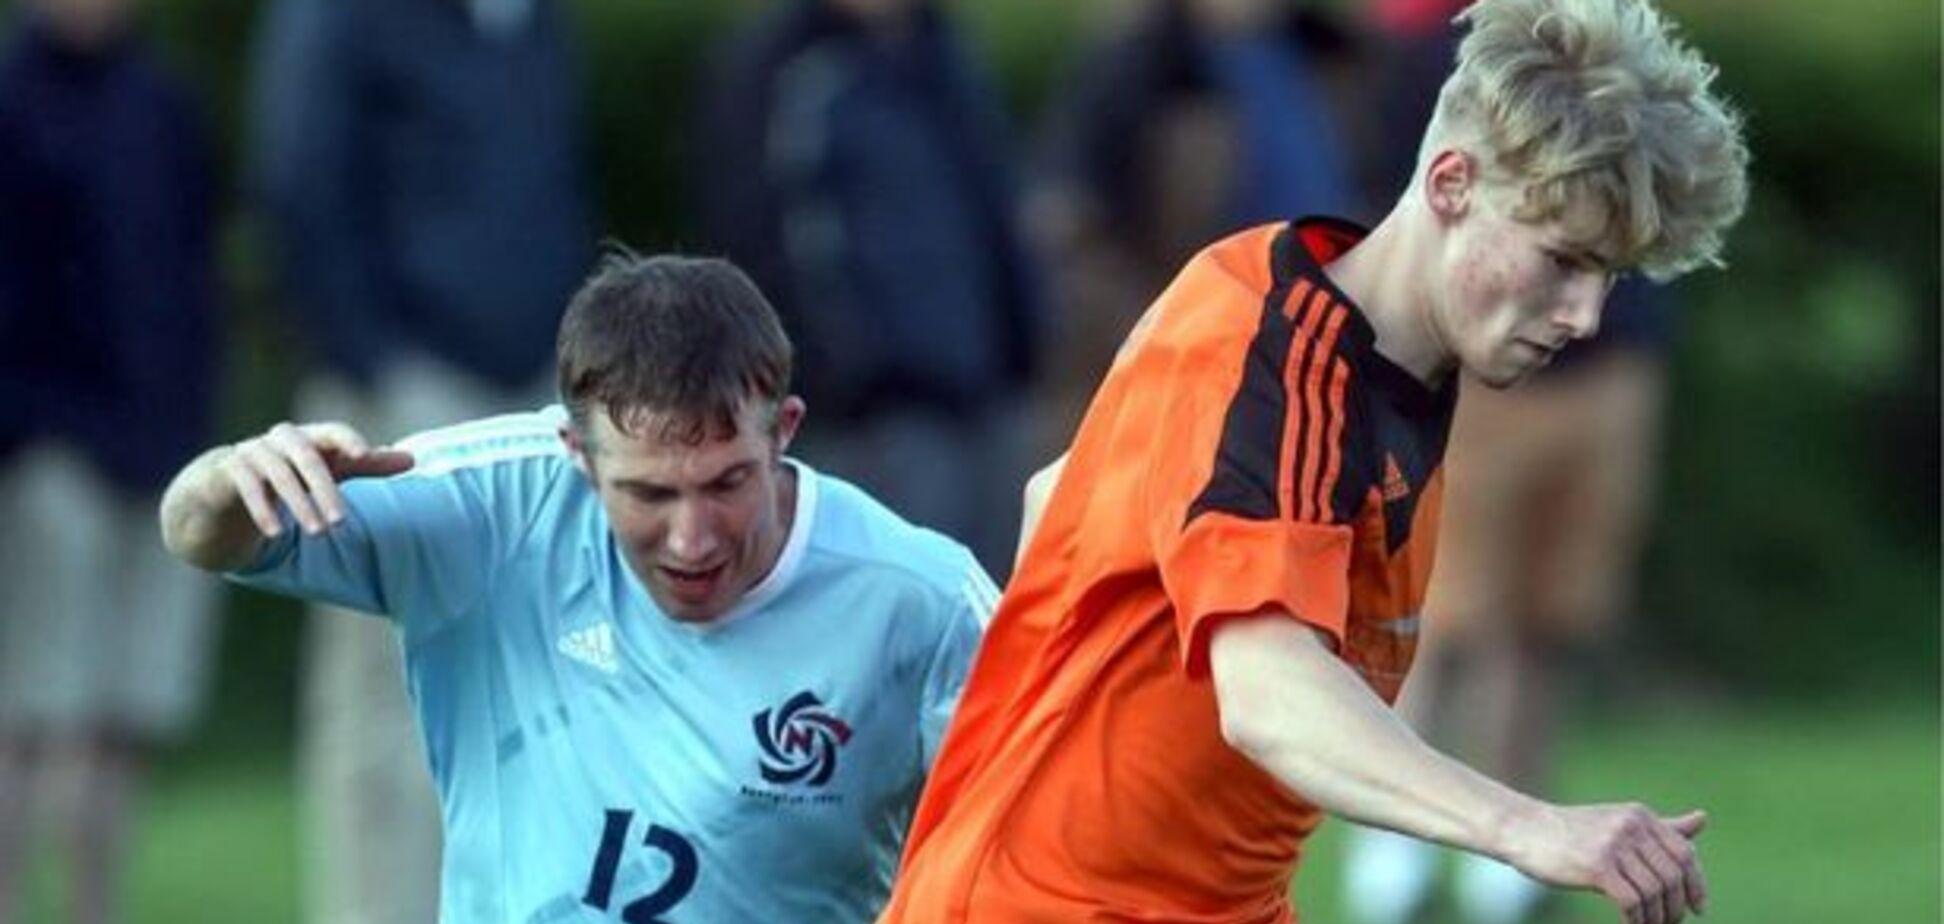 Футболіст збірної не потрапив у 'Манчестер Юнайтед' і наклав на себе руки